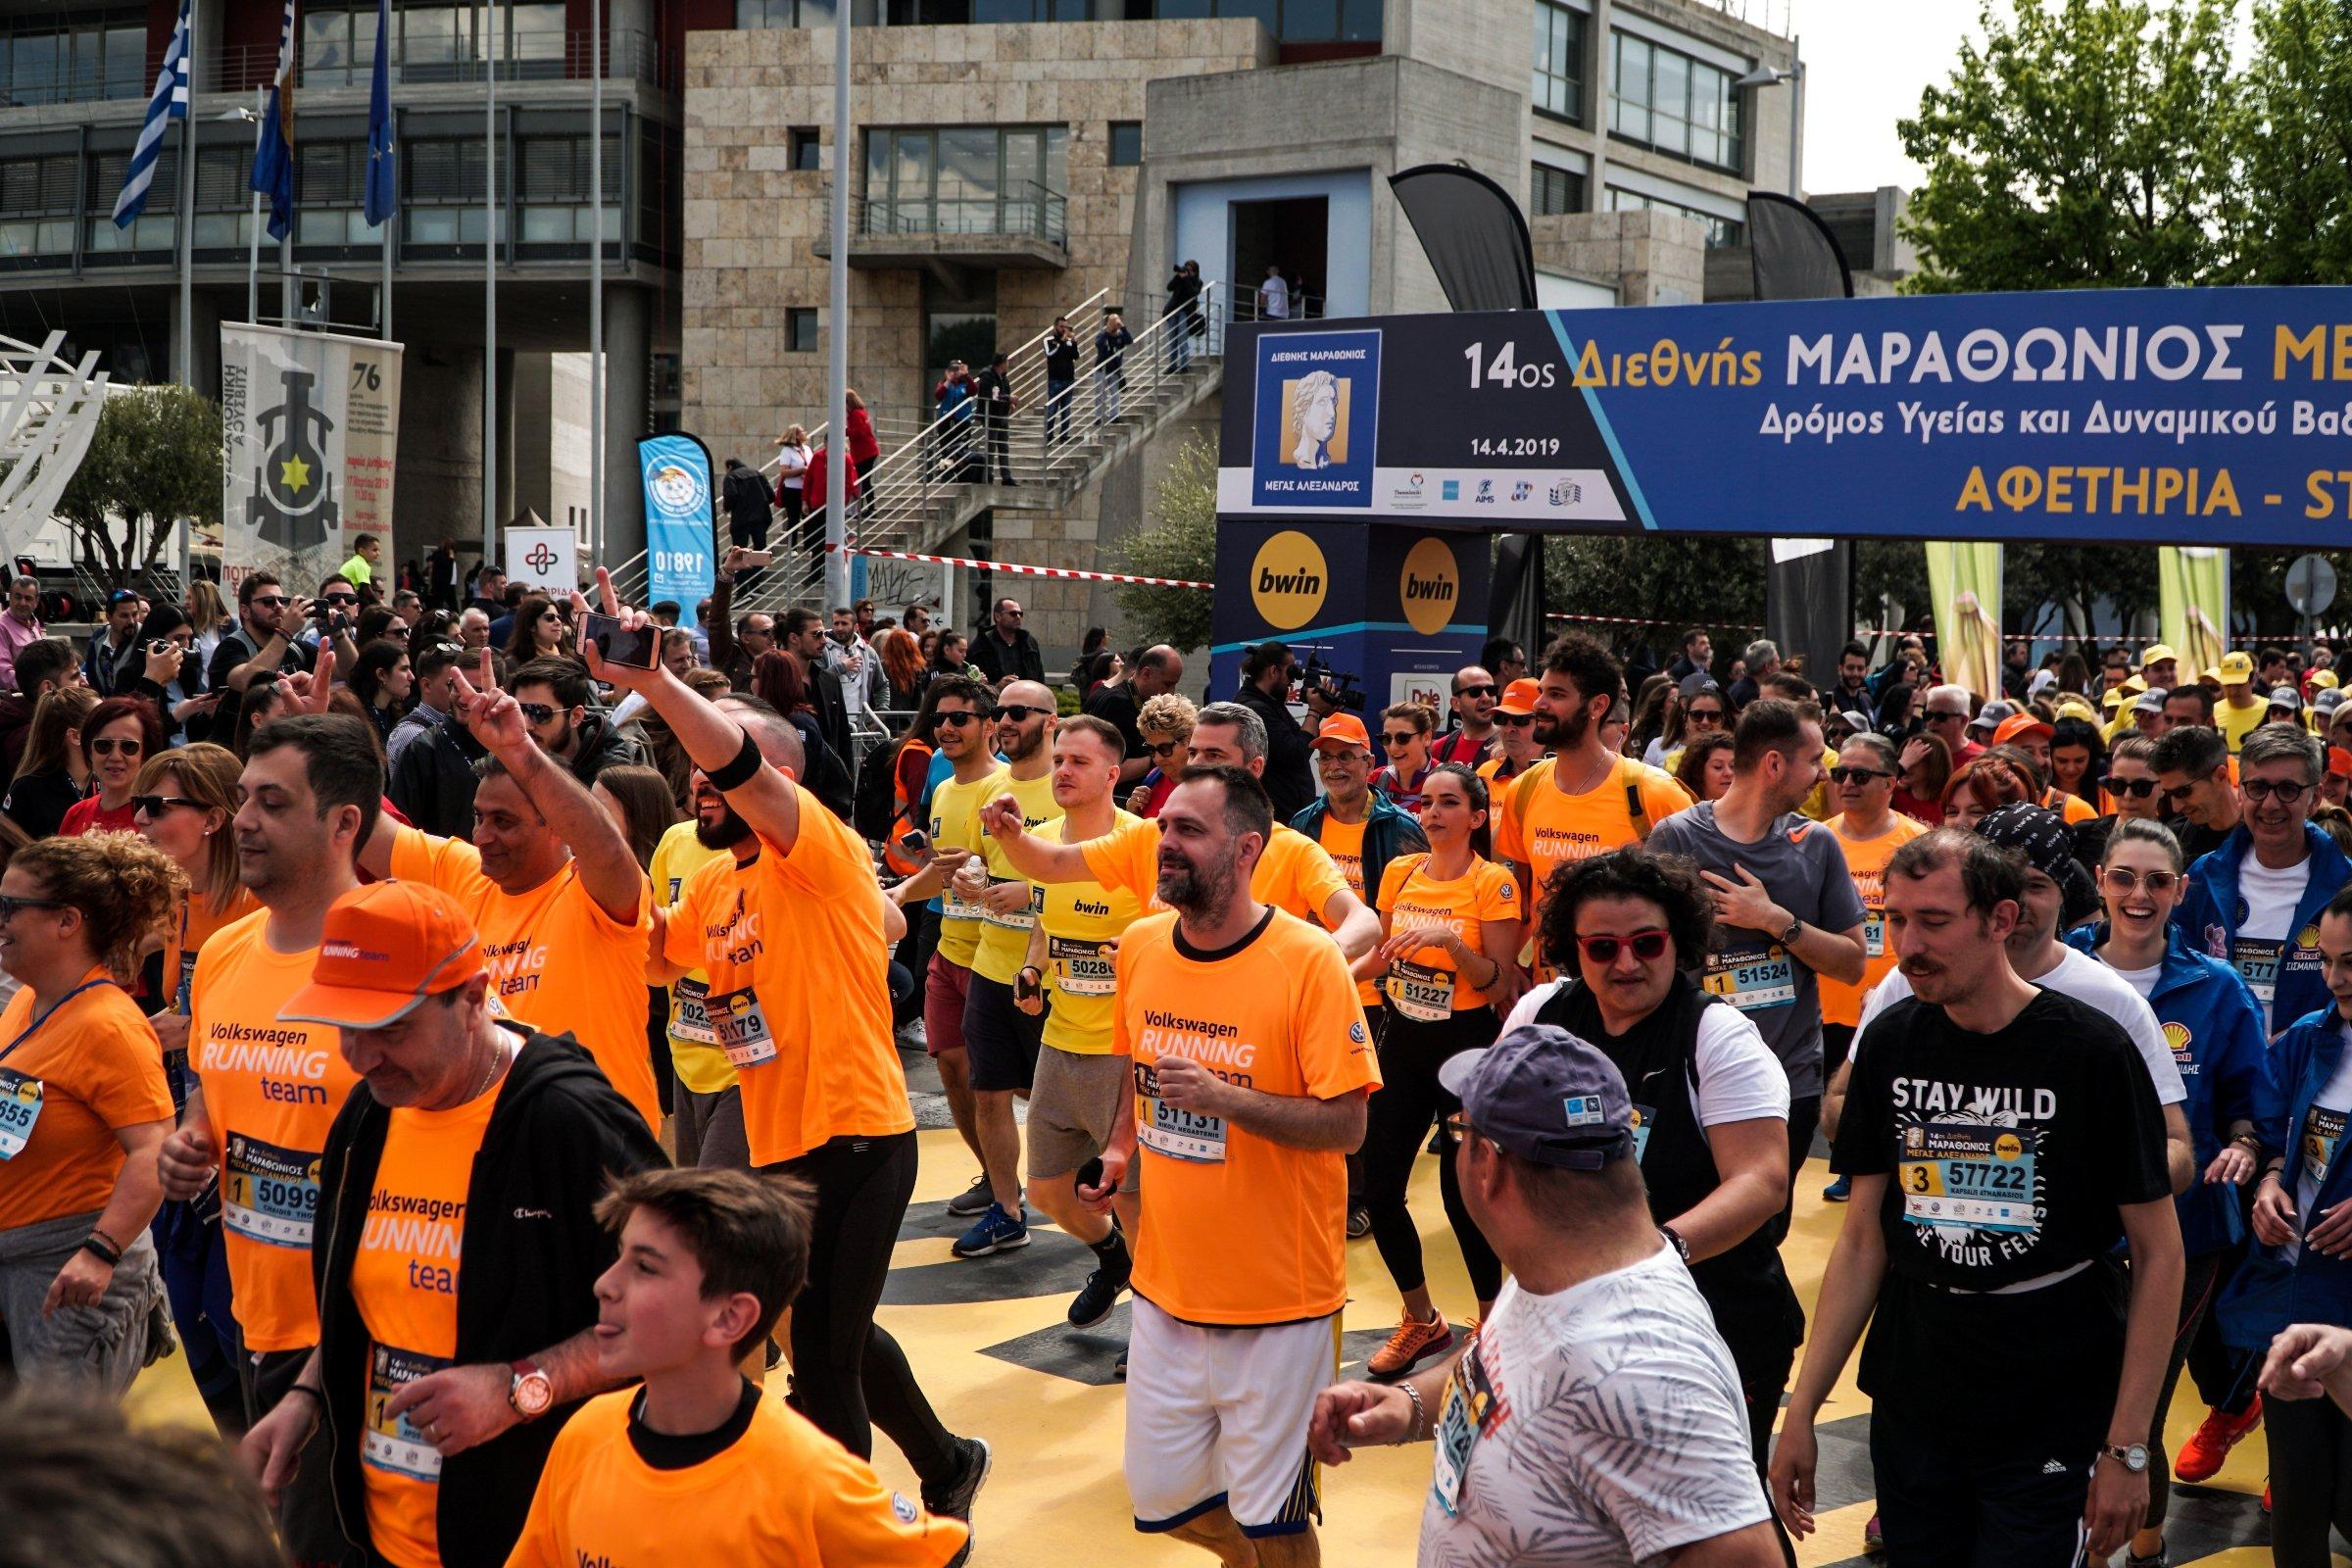 Γίνε «ομαδάρχης» και ζήσε έντονα τον Μαραθώνιο της Ιστορίας  με το δικό σου running team!